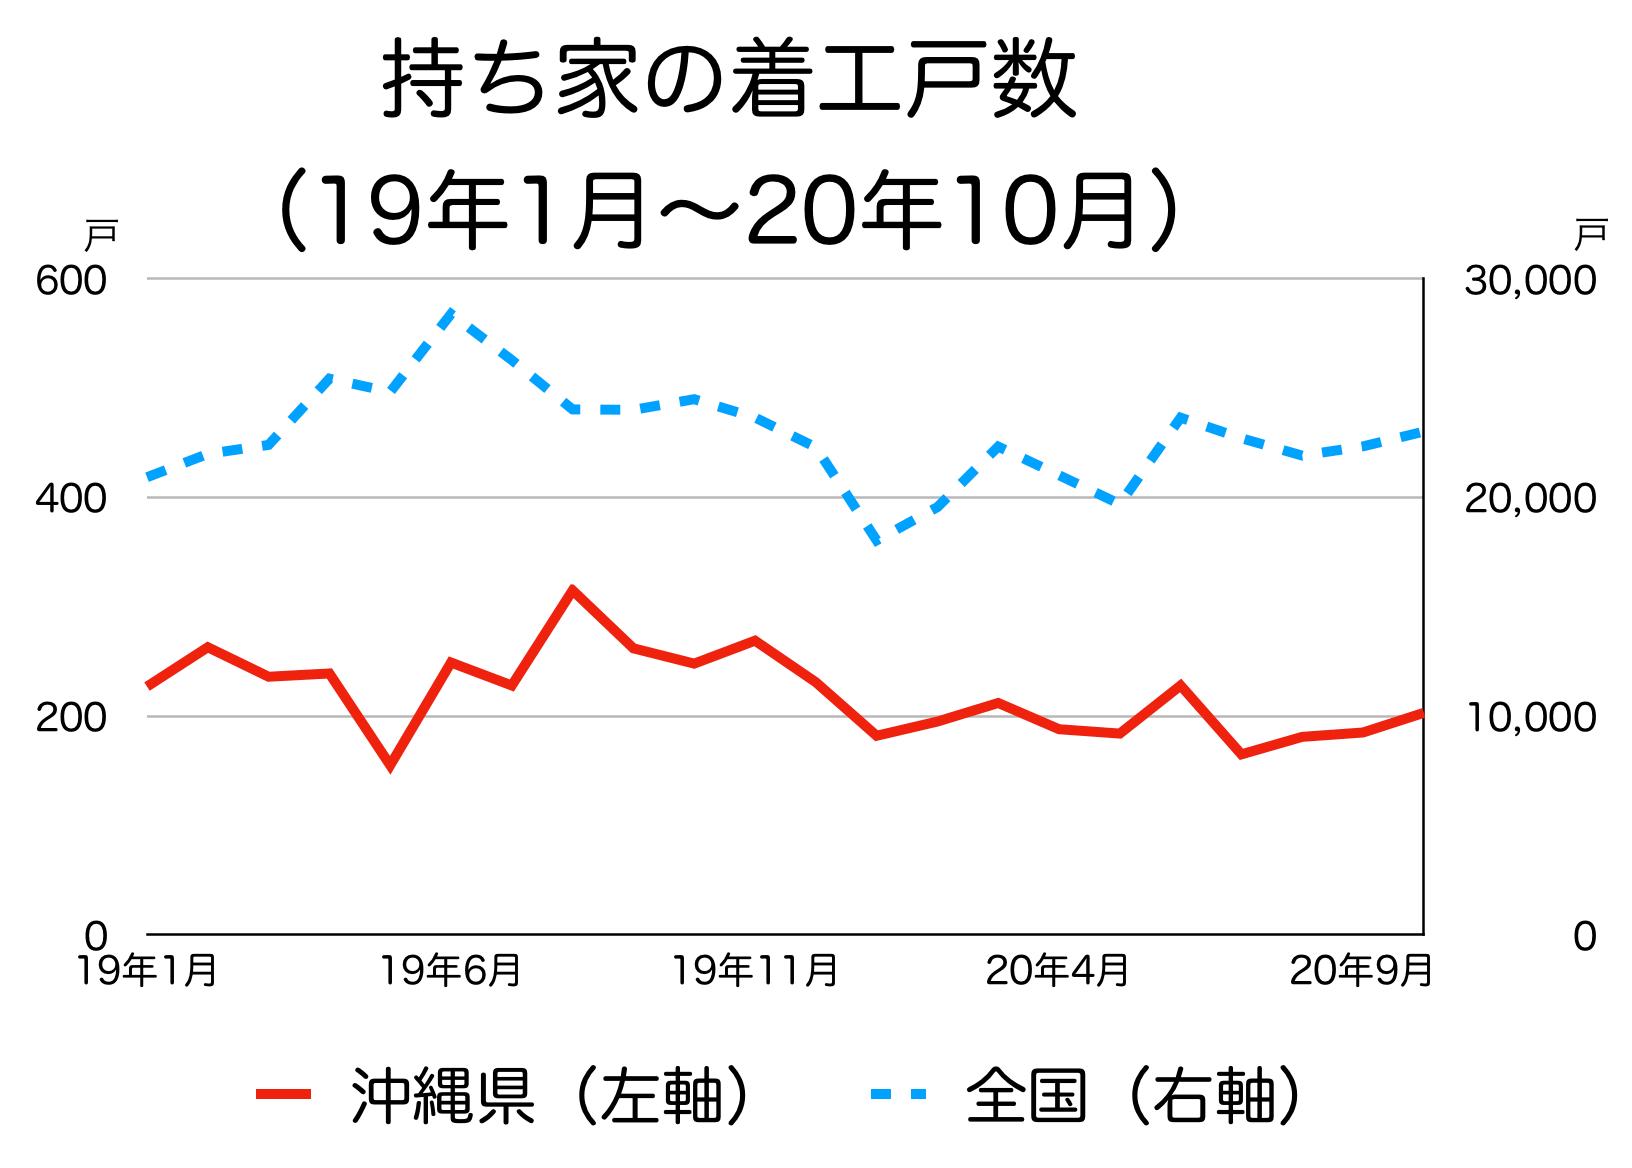 沖縄県の新築着工統計